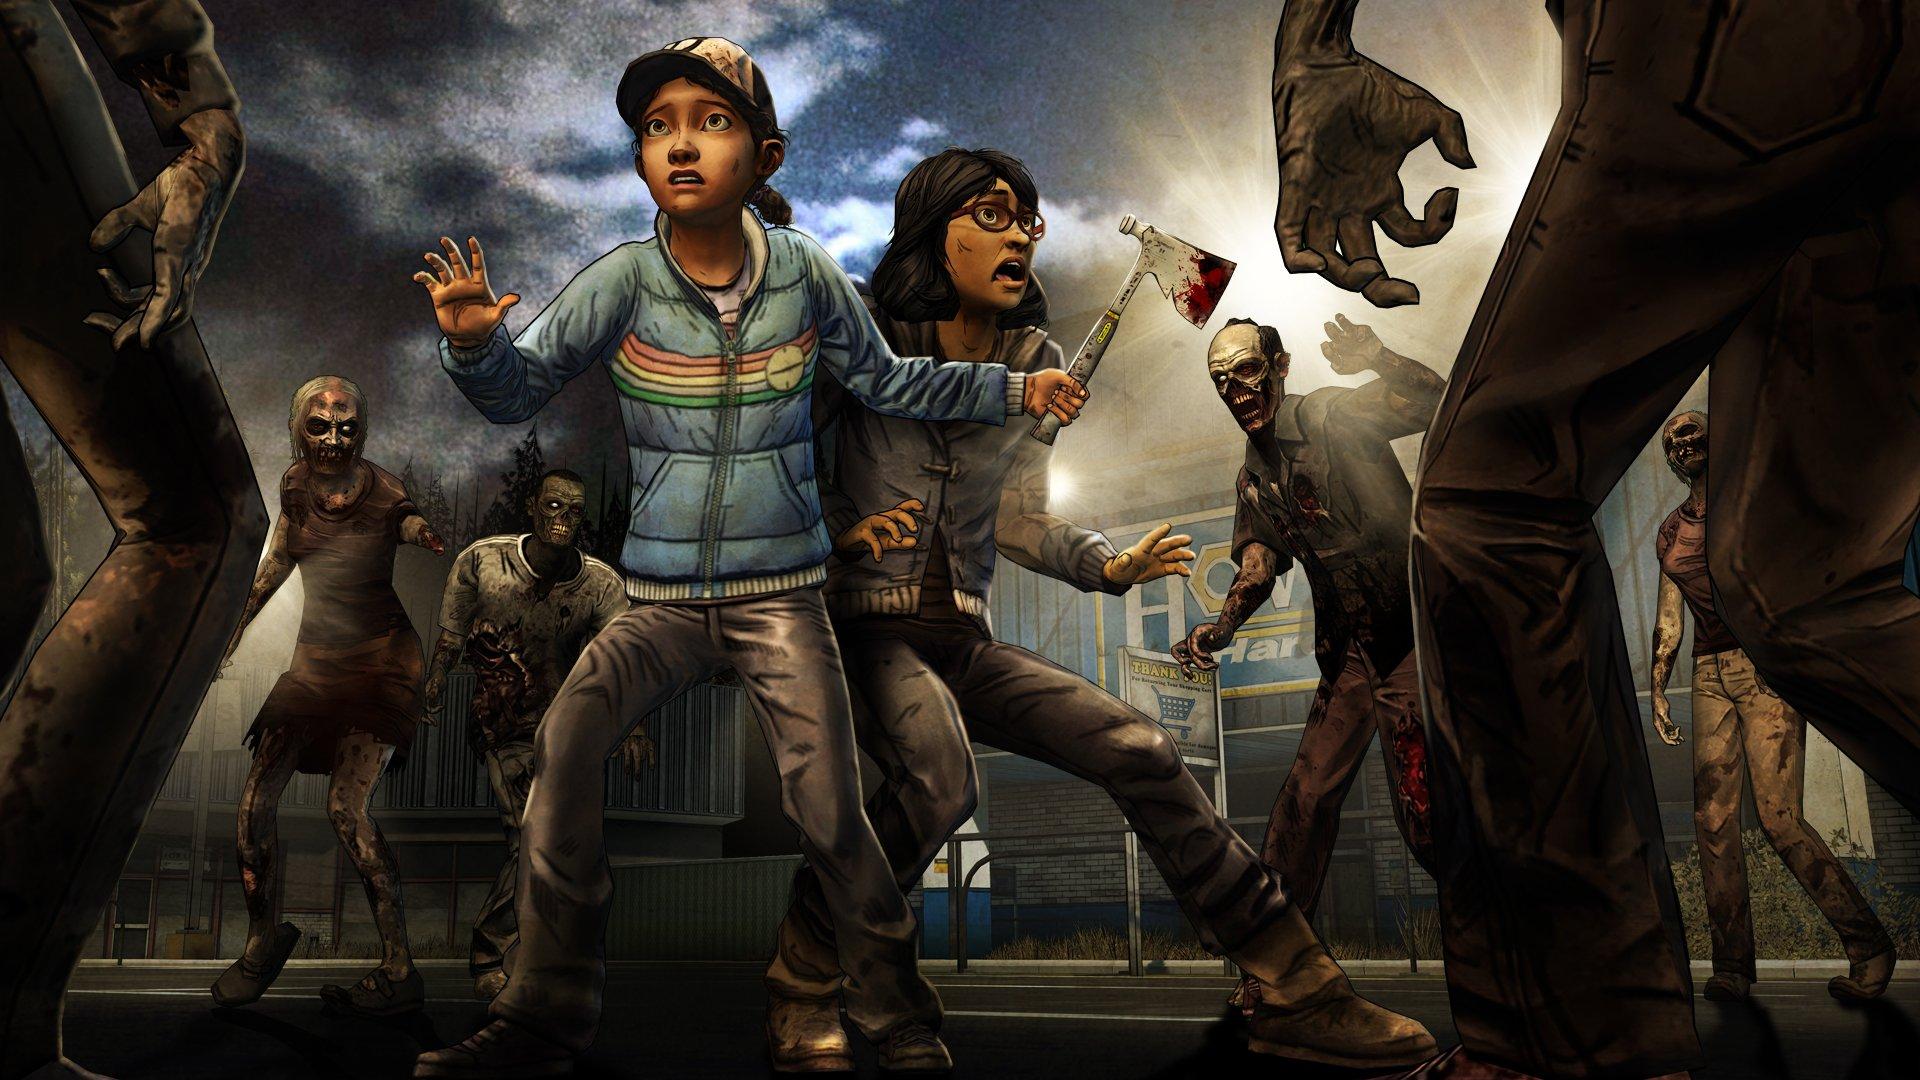 Скриншот к игре The Walking Dead: The Game. Season 2: Episode 1 - 5 (2014) скачать торрент RePack